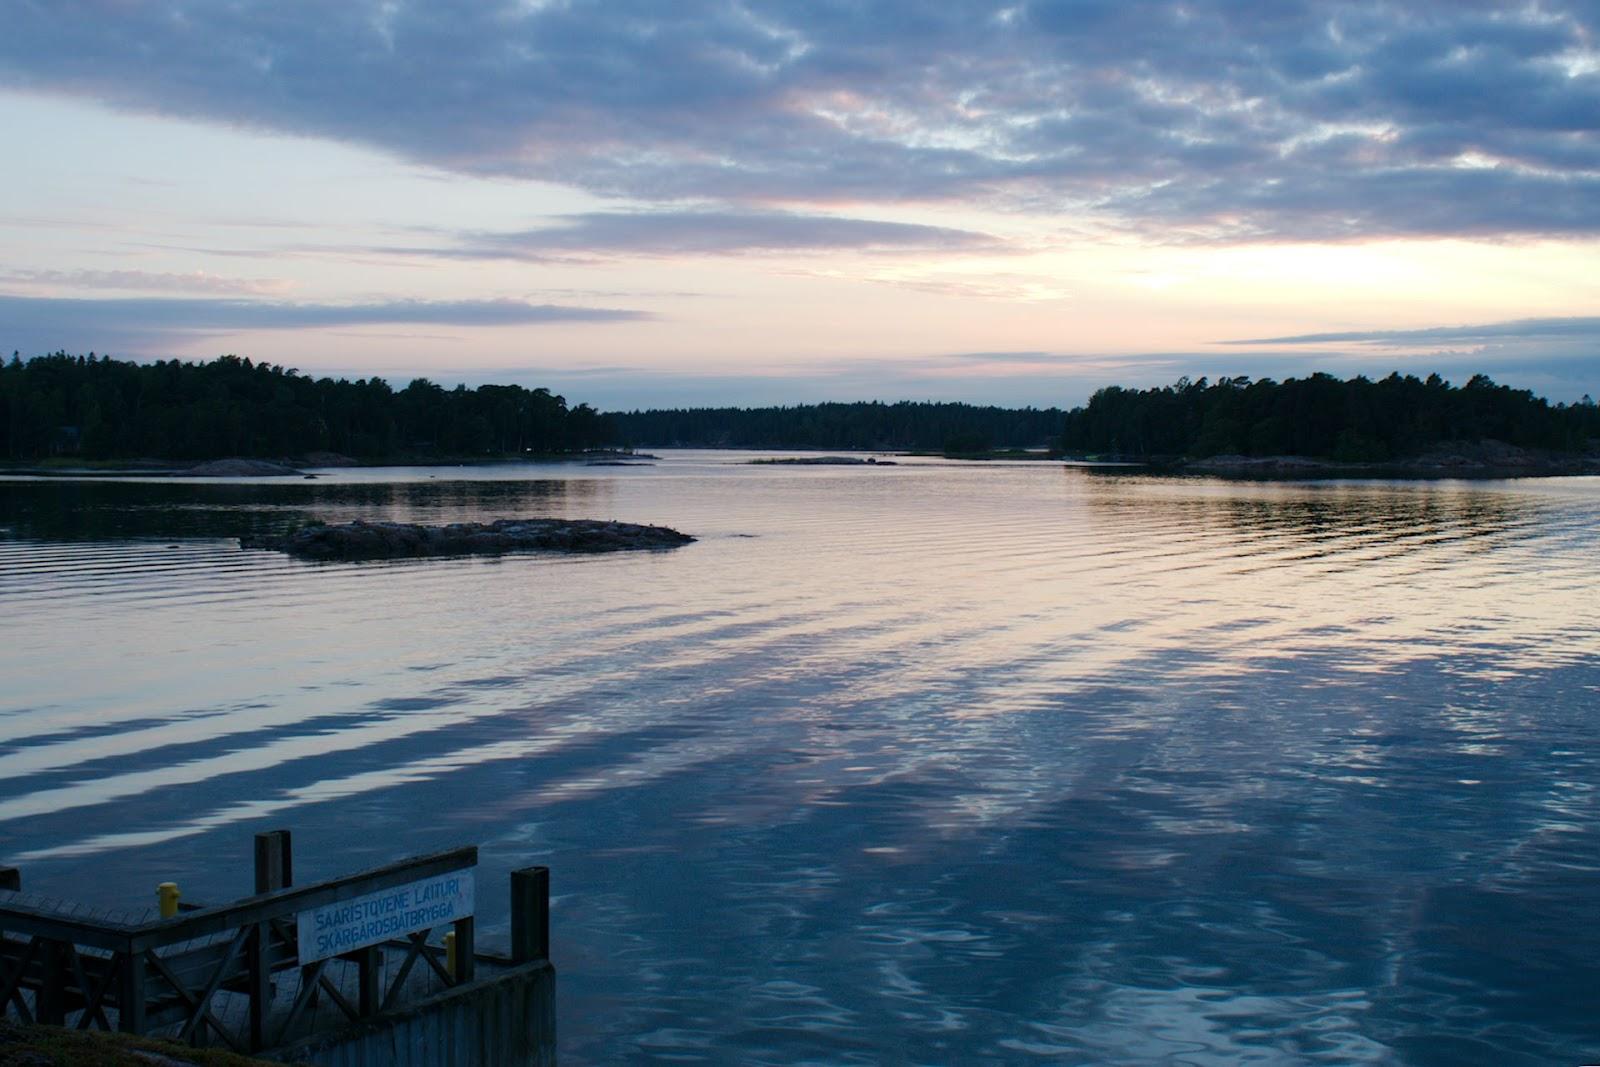 Saaaristovenelaituri ilta-auringossa